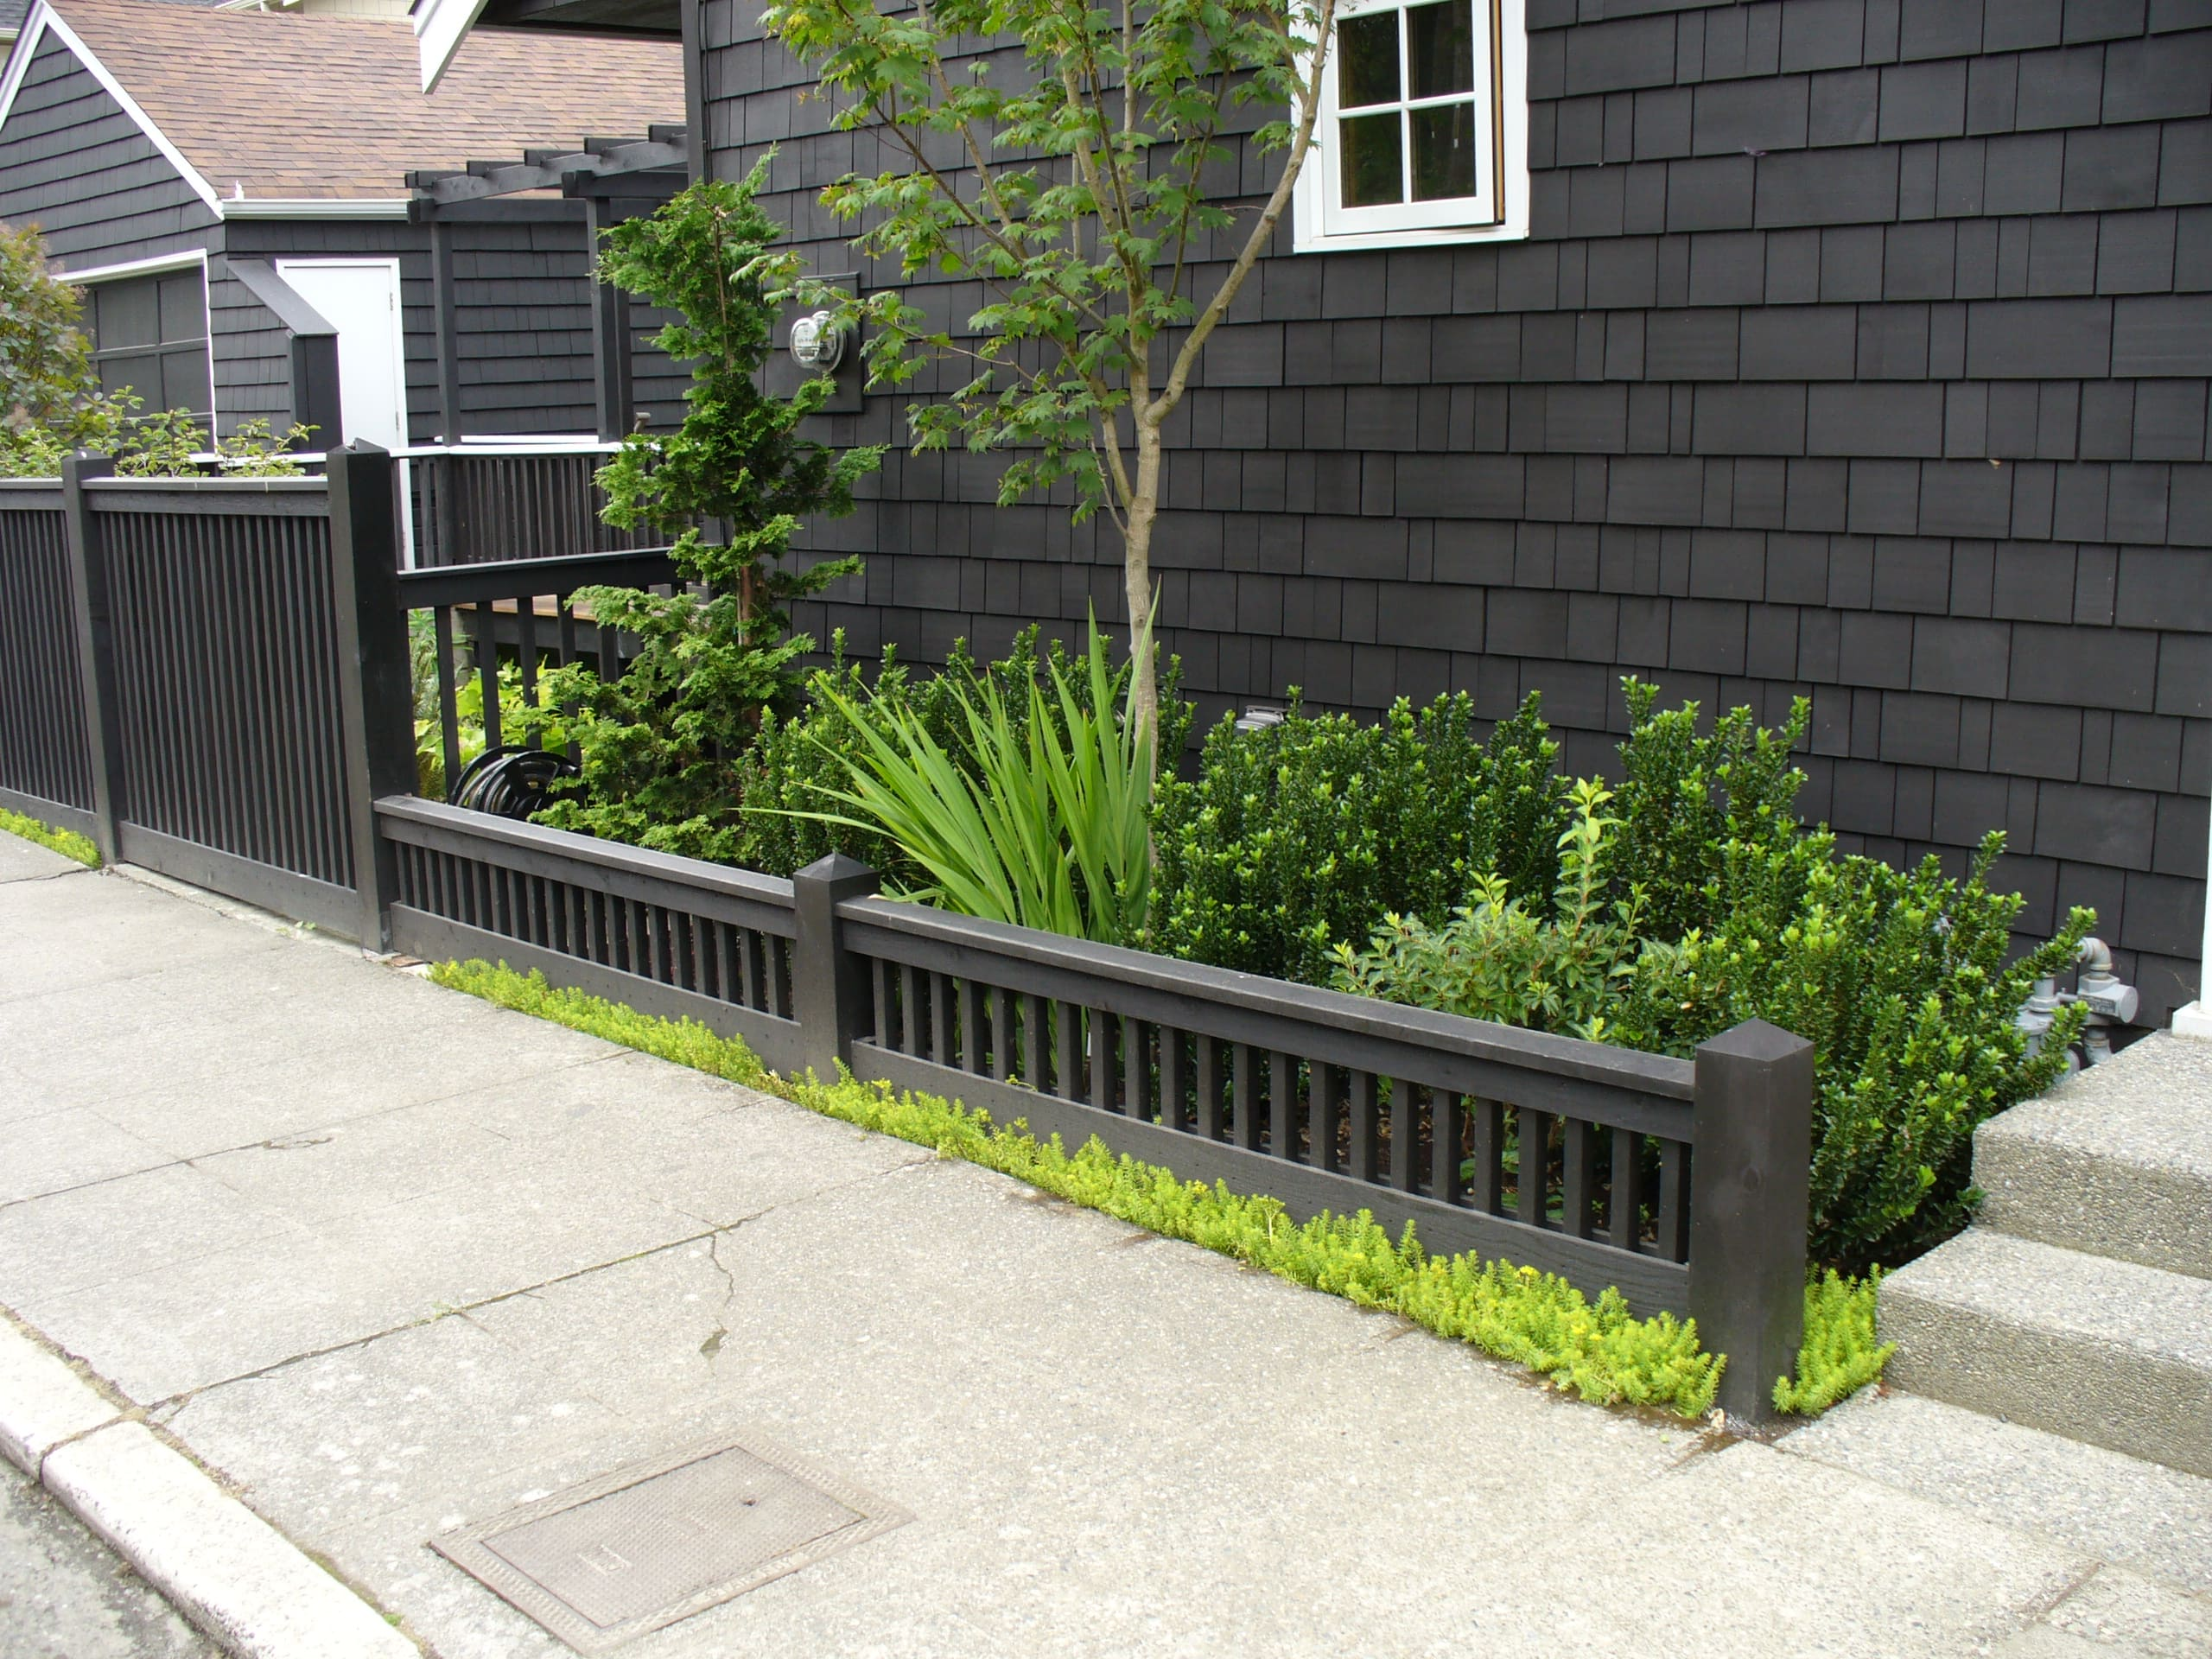 шармом обладают забор возле дома фото кирпича считаются популярным